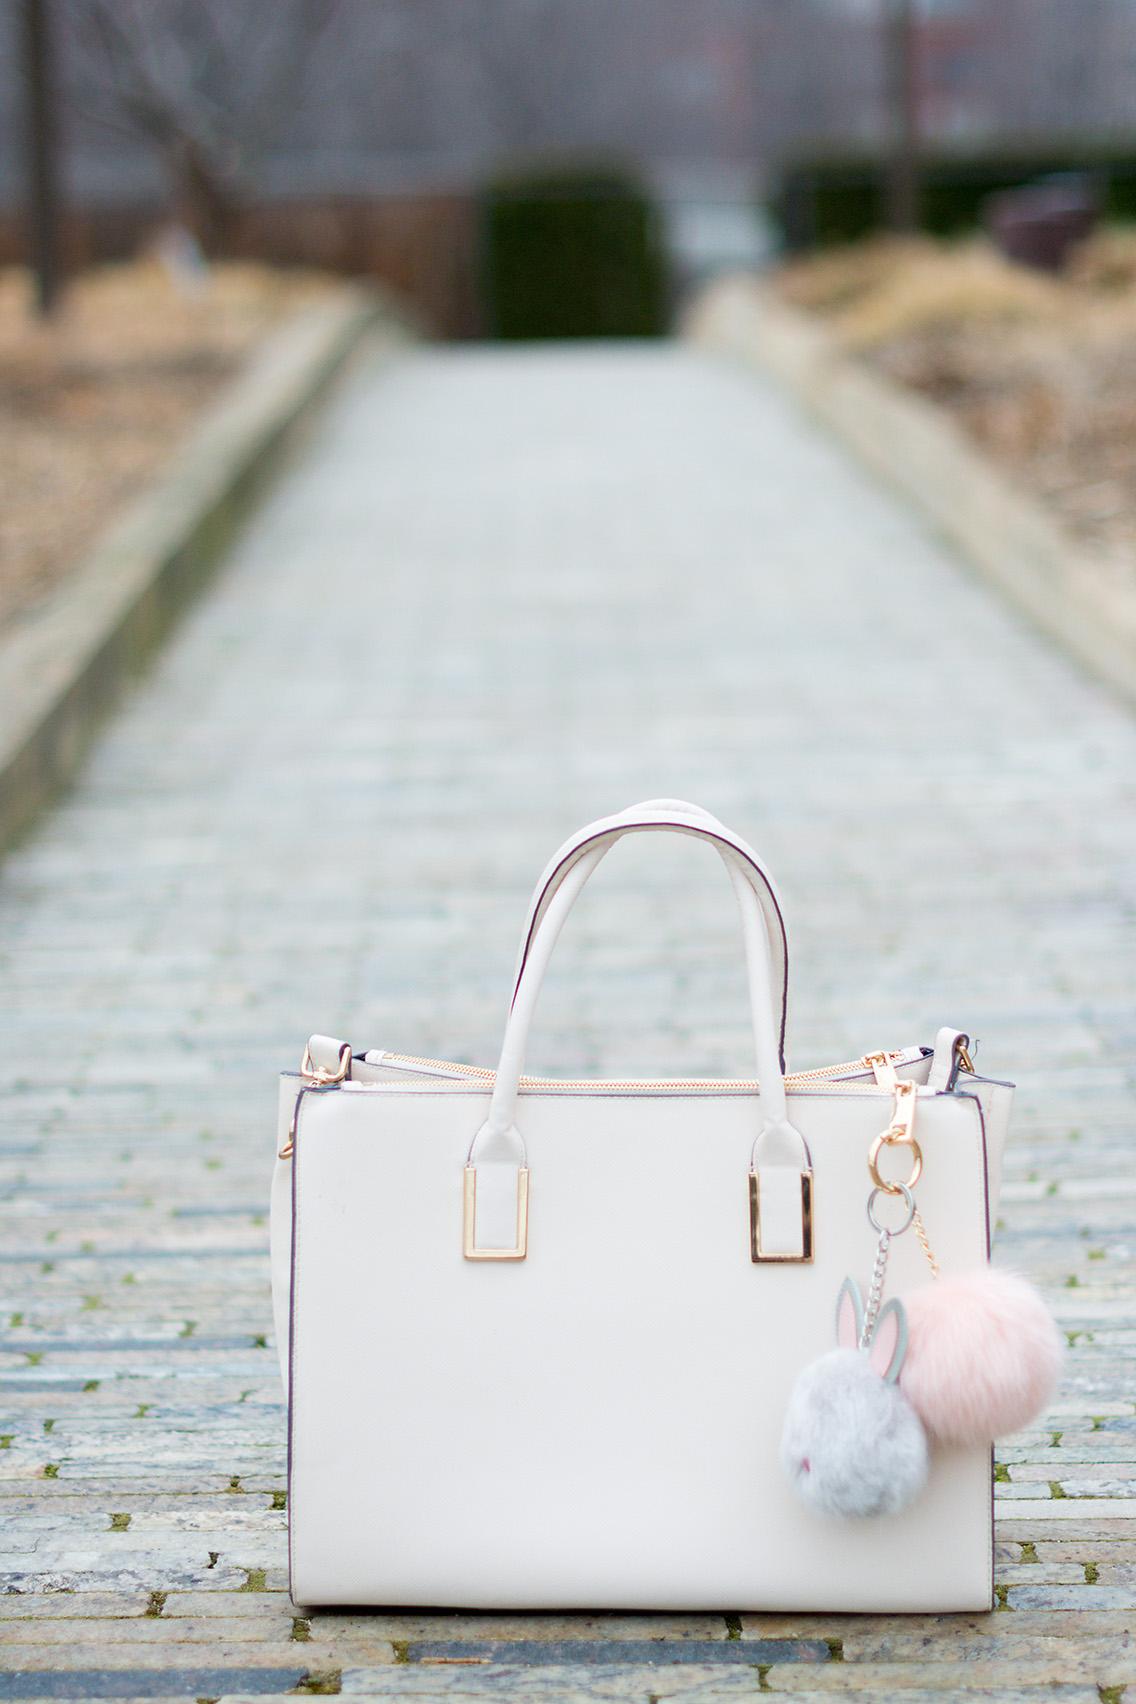 H&M J Brand Misfit Pale Pink Pumps